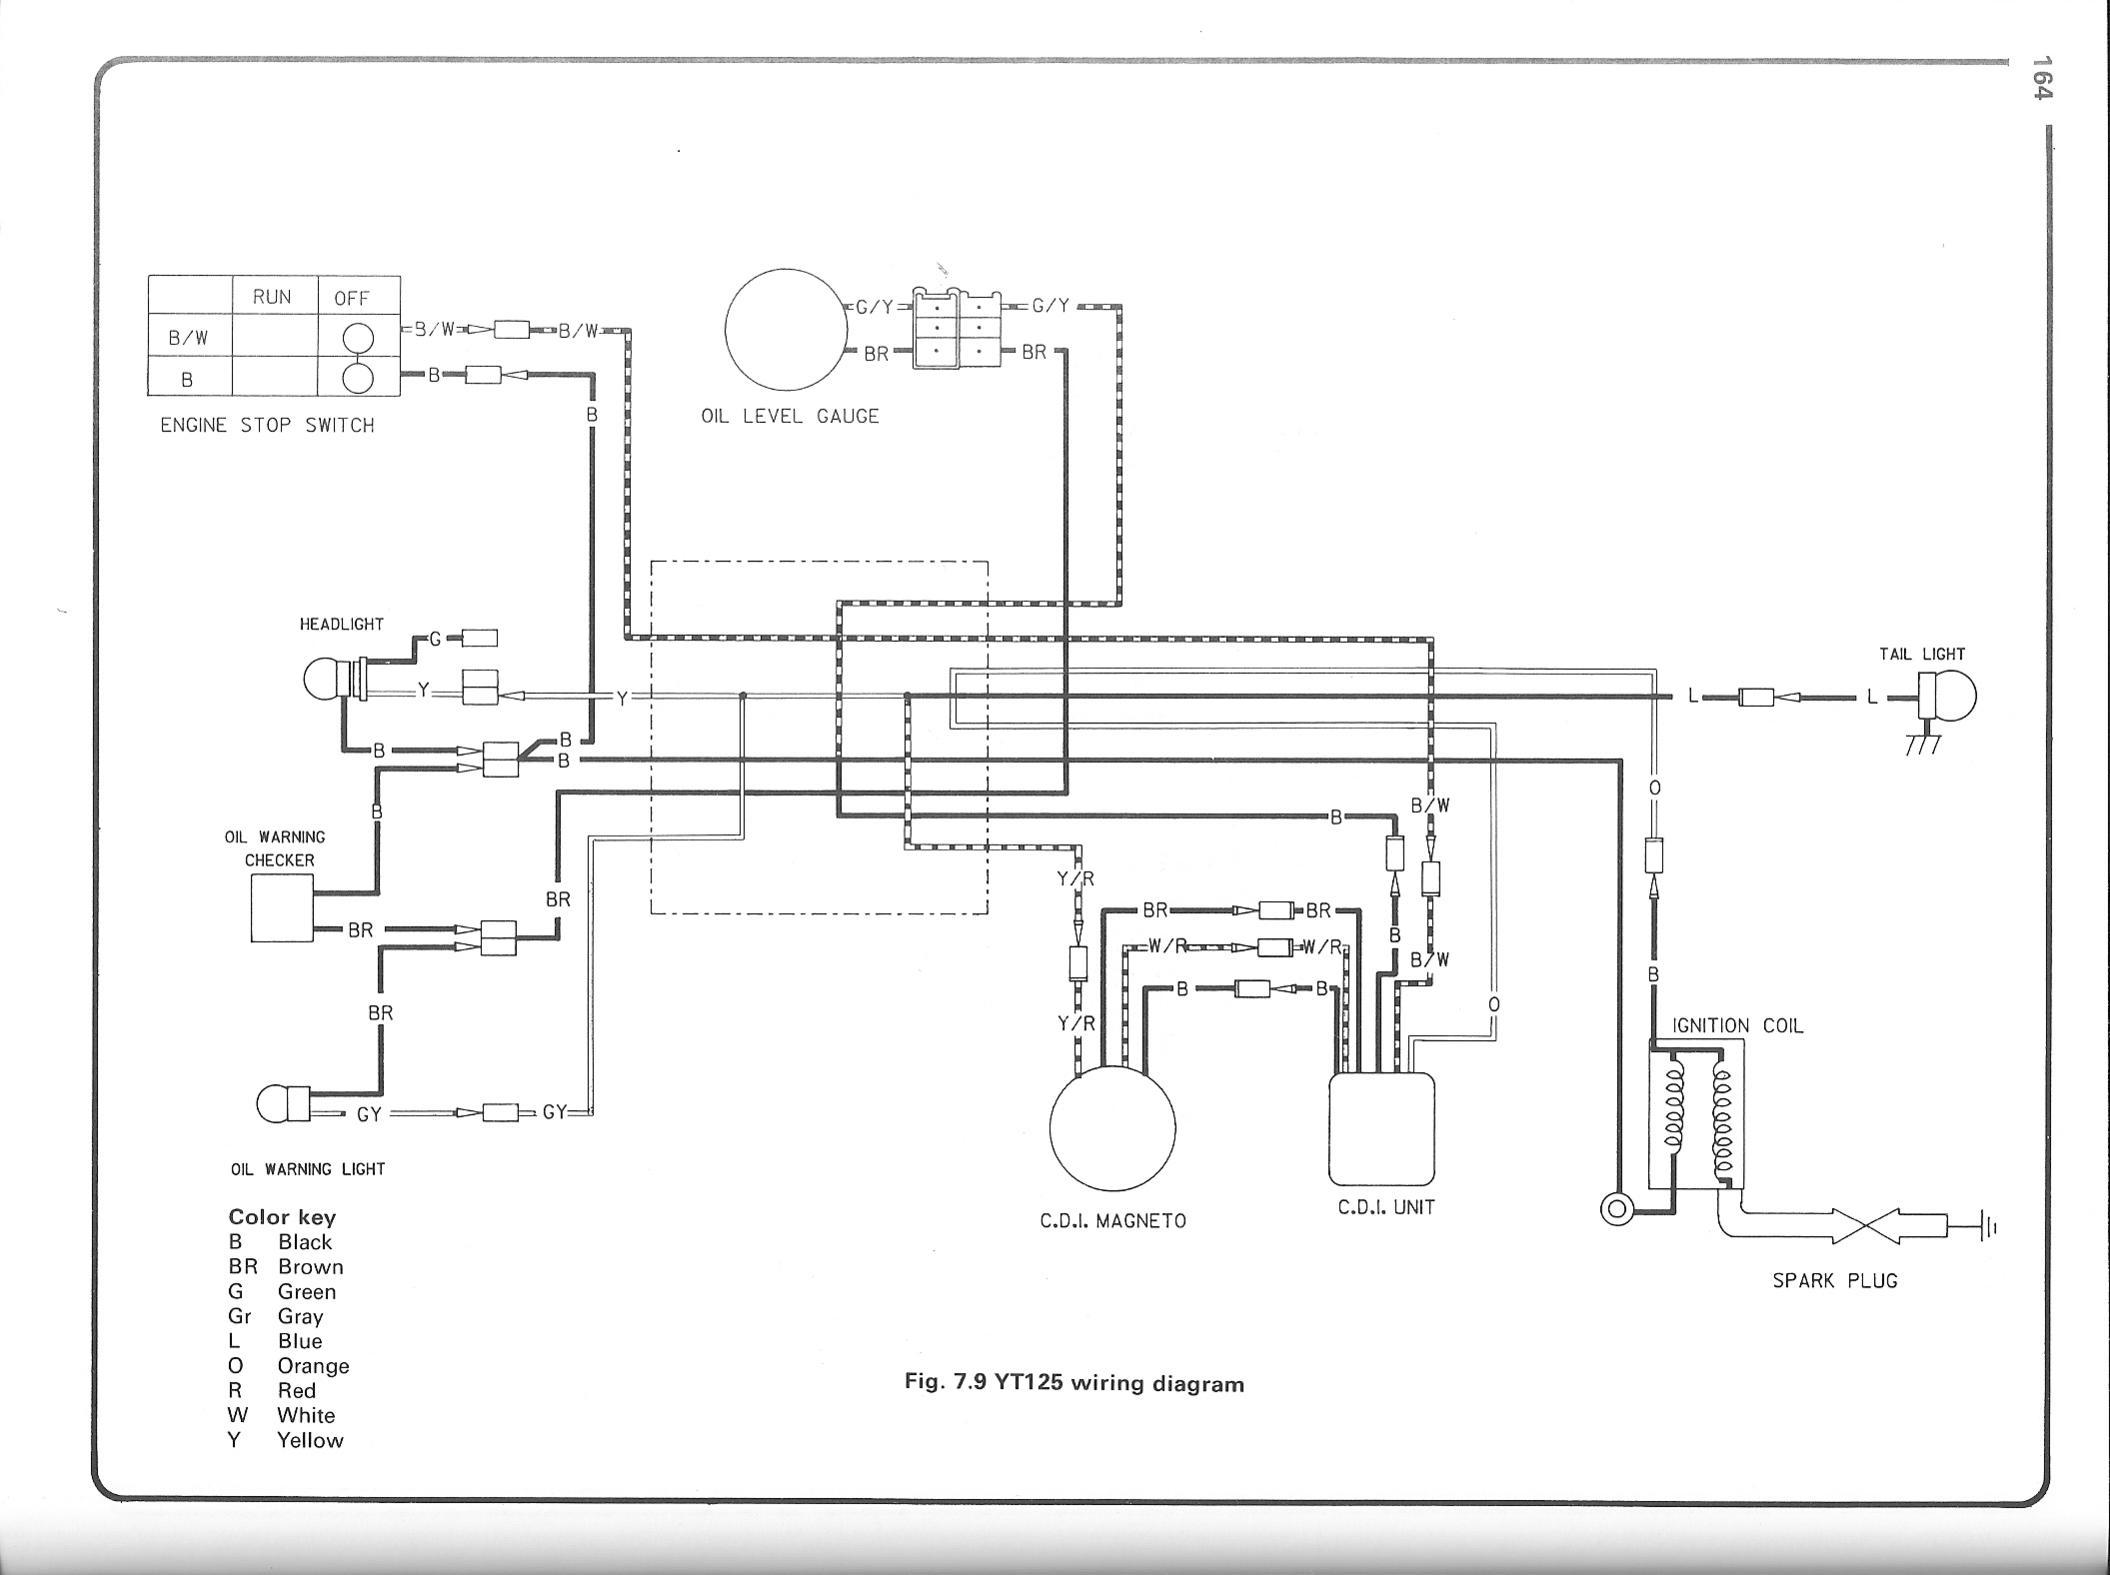 DIAGRAM] Model Ydrex Yamaha Wiring Diagram FULL Version HD Quality ...